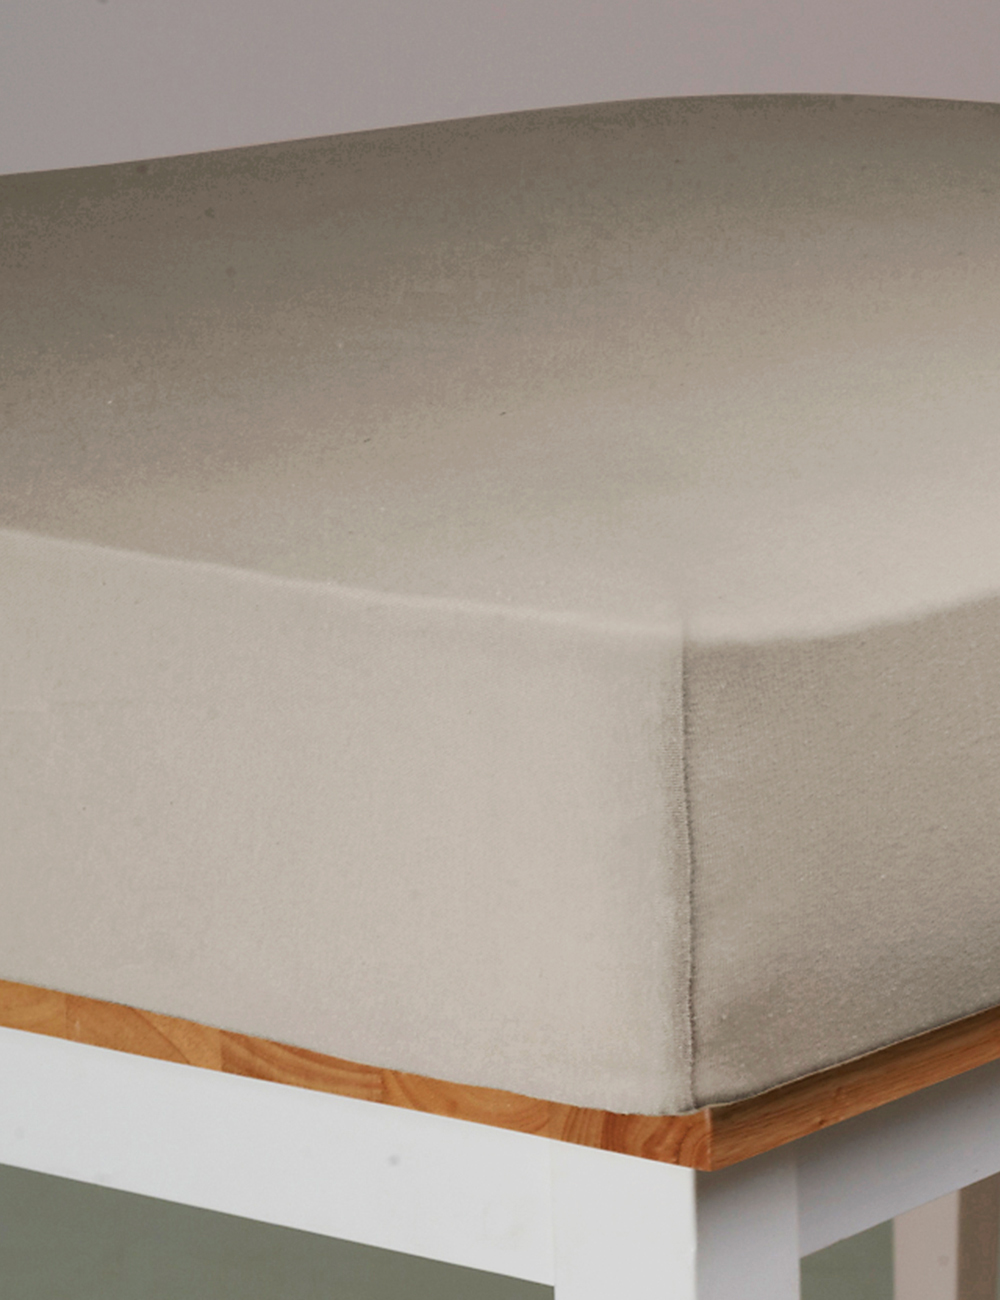 Drap housse stretch 90 x 200 cm beige - Drap housse 90 x 200 ...